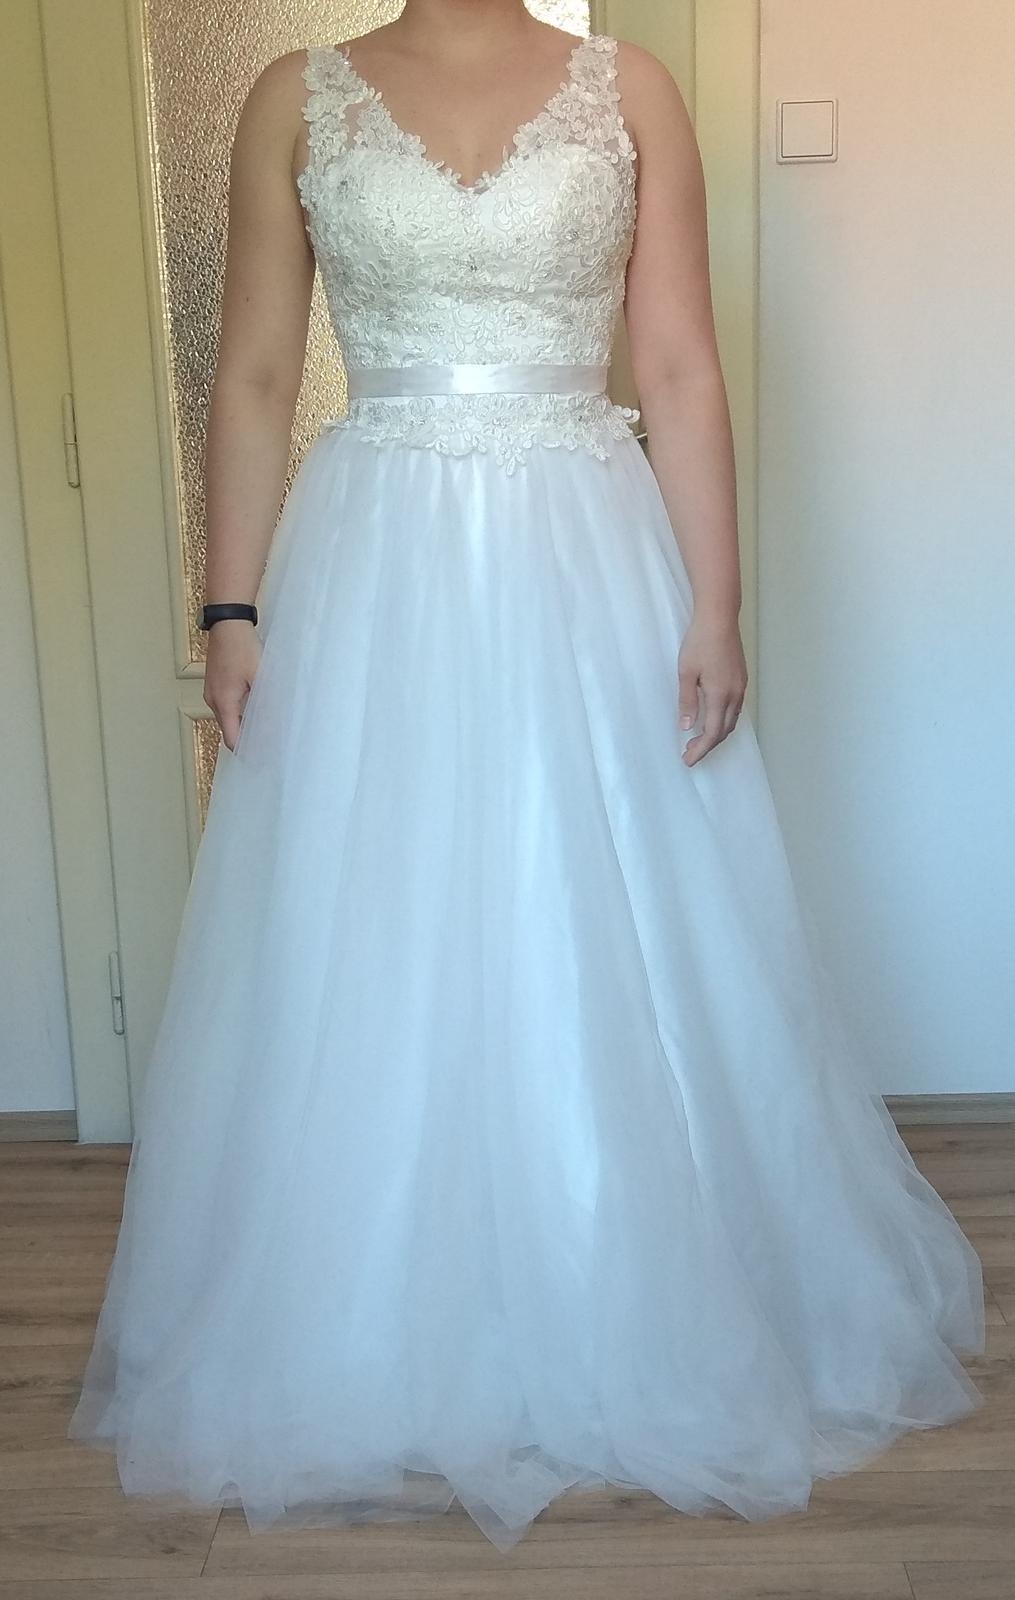 nové svatební šaty vel. 36 - Obrázek č. 1